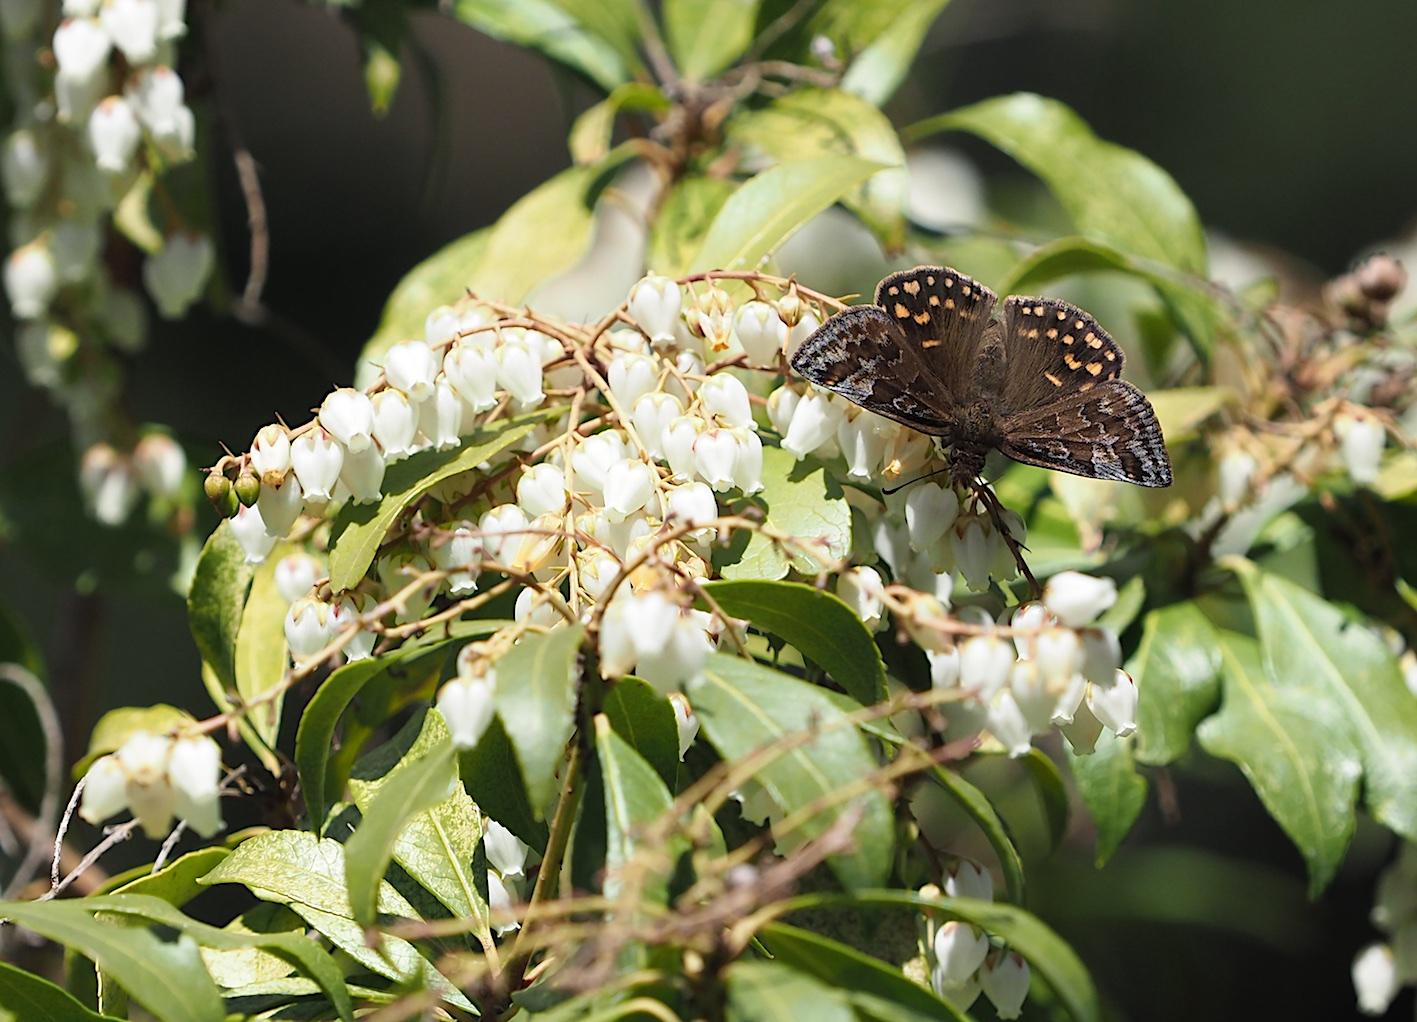 アセビにくる蝶たち、ミヤマセセリ(2019年3月26日)_d0303129_1505514.jpg